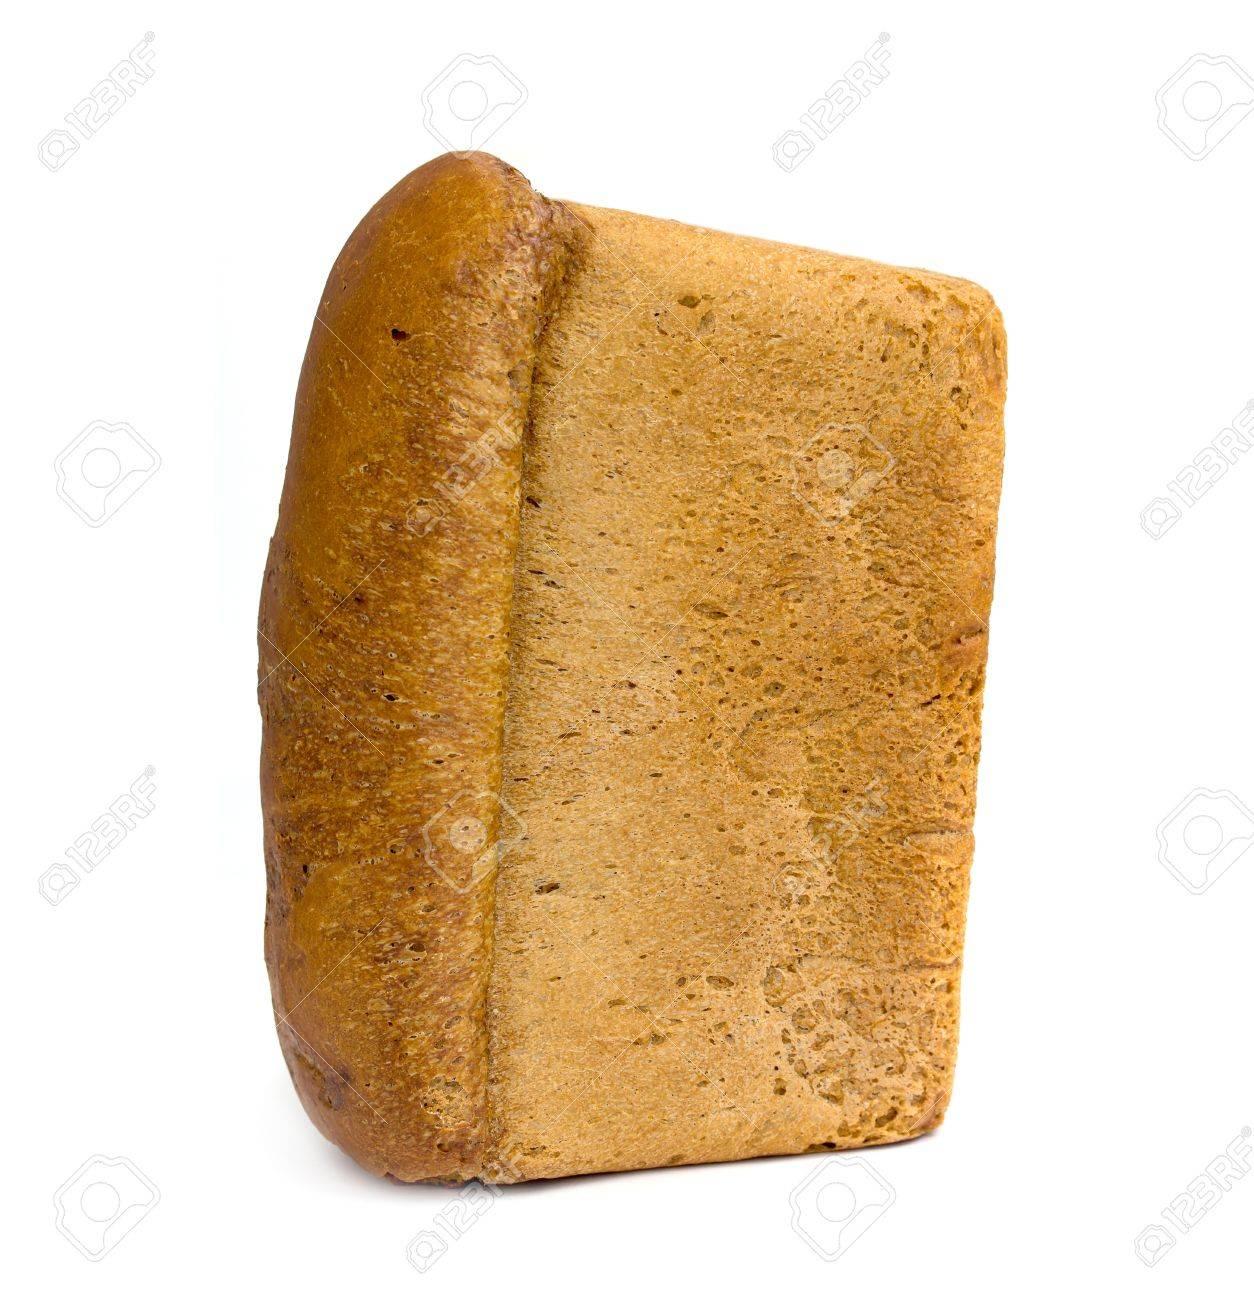 brique de pain de pain isole sur fond blanc